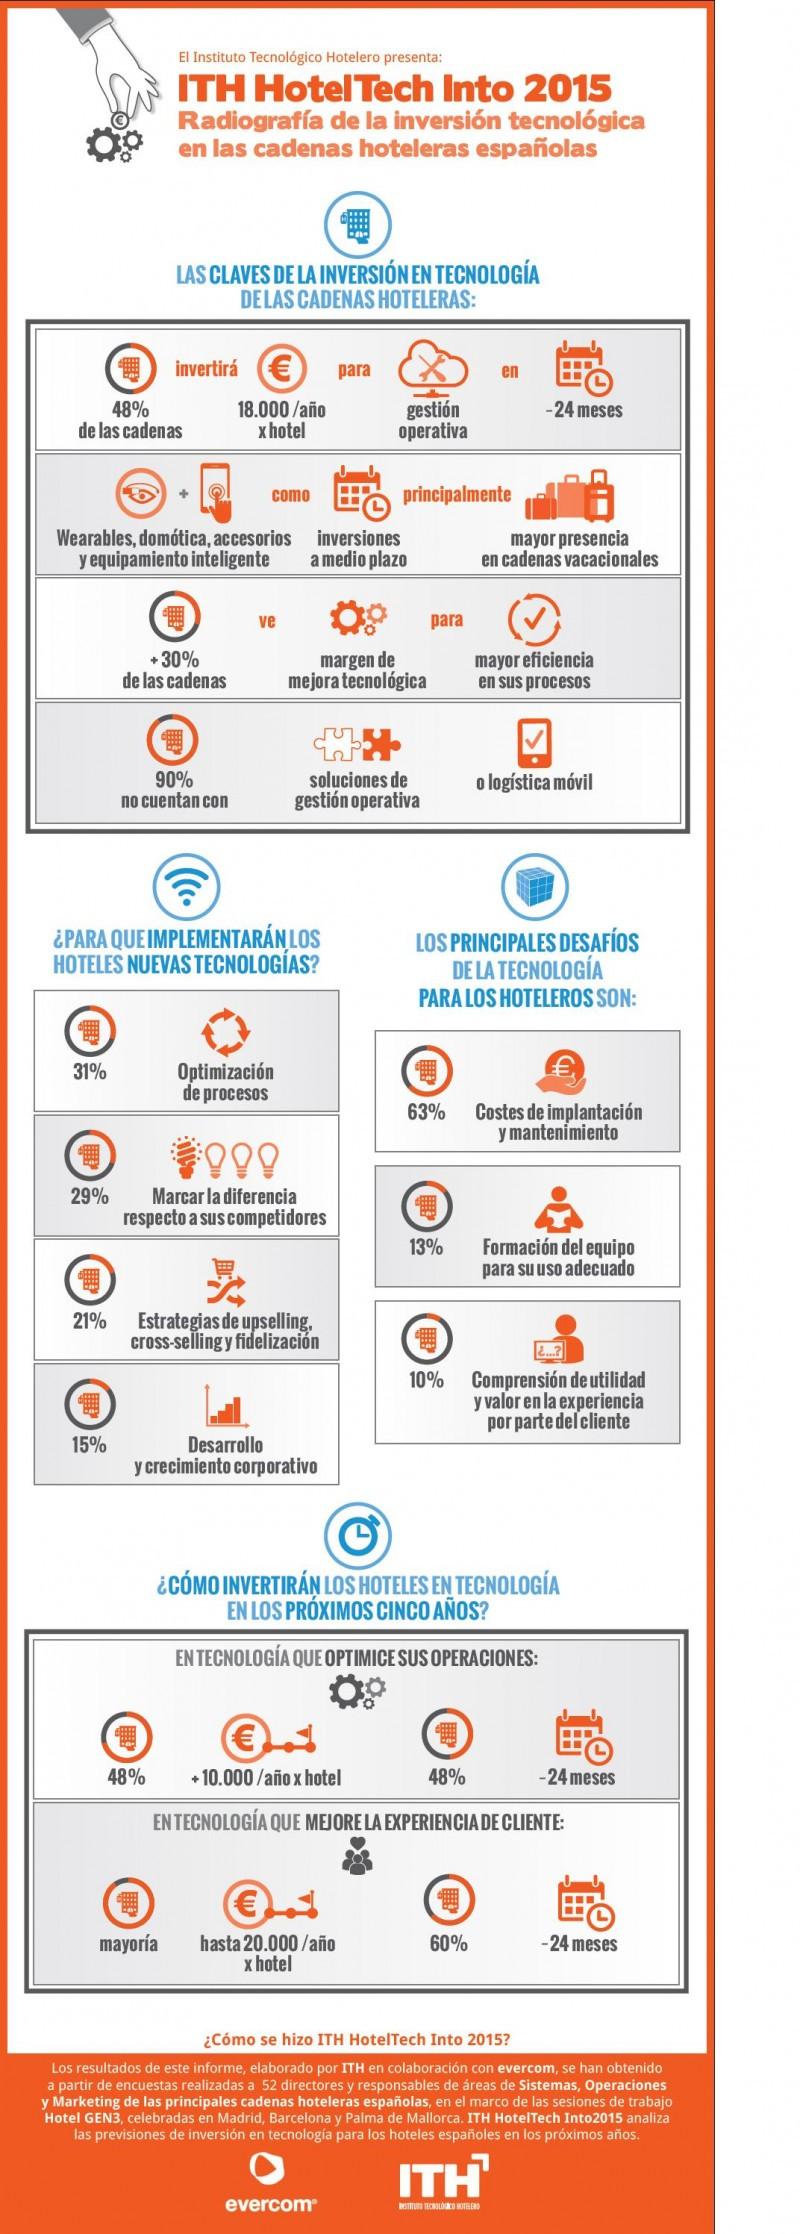 Infografía con los resultados del estudio ITH HotelTech Into 2015, realizado por el ITH y evercom.